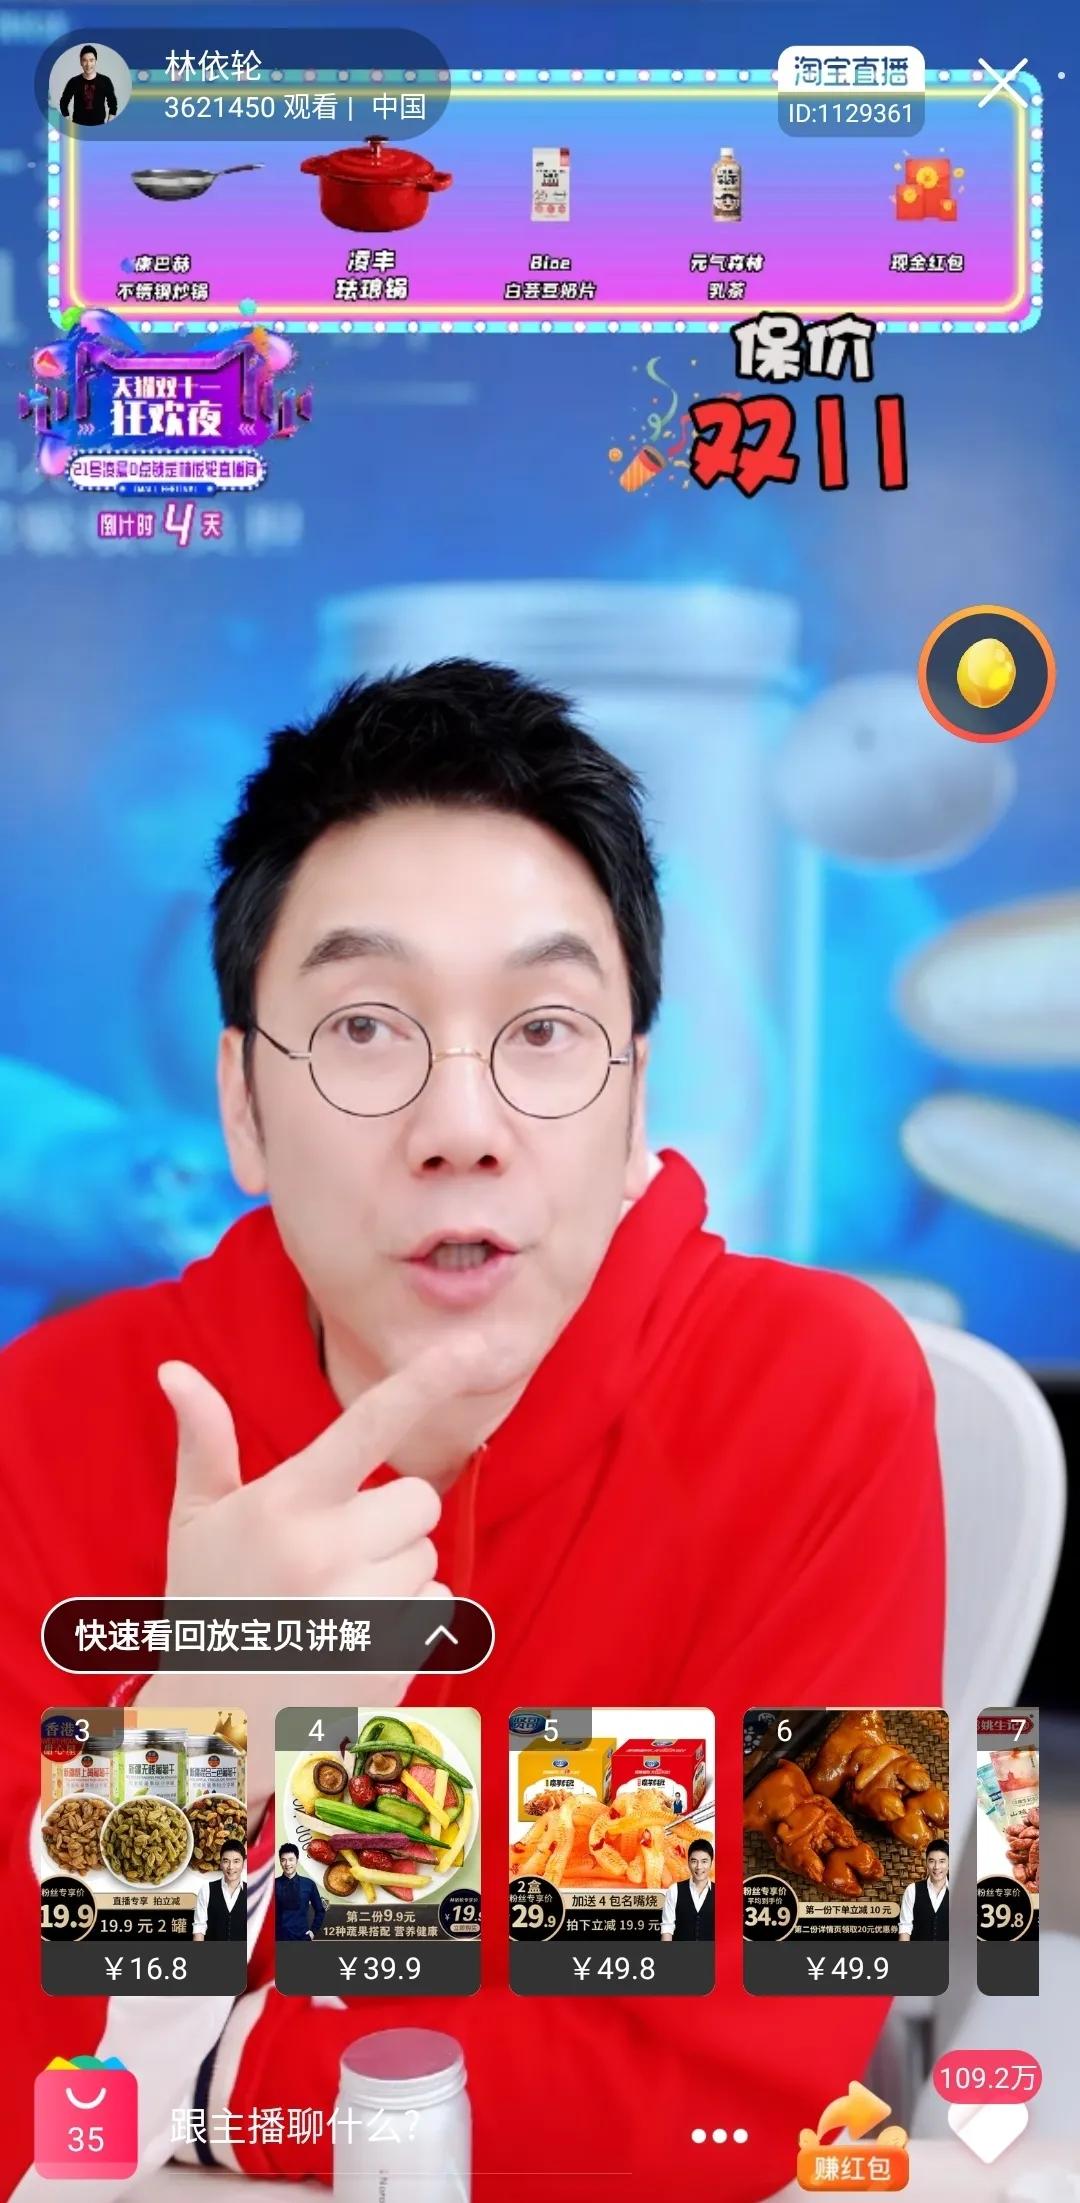 淘宝主播排名前100(淘宝top10销量排行榜)